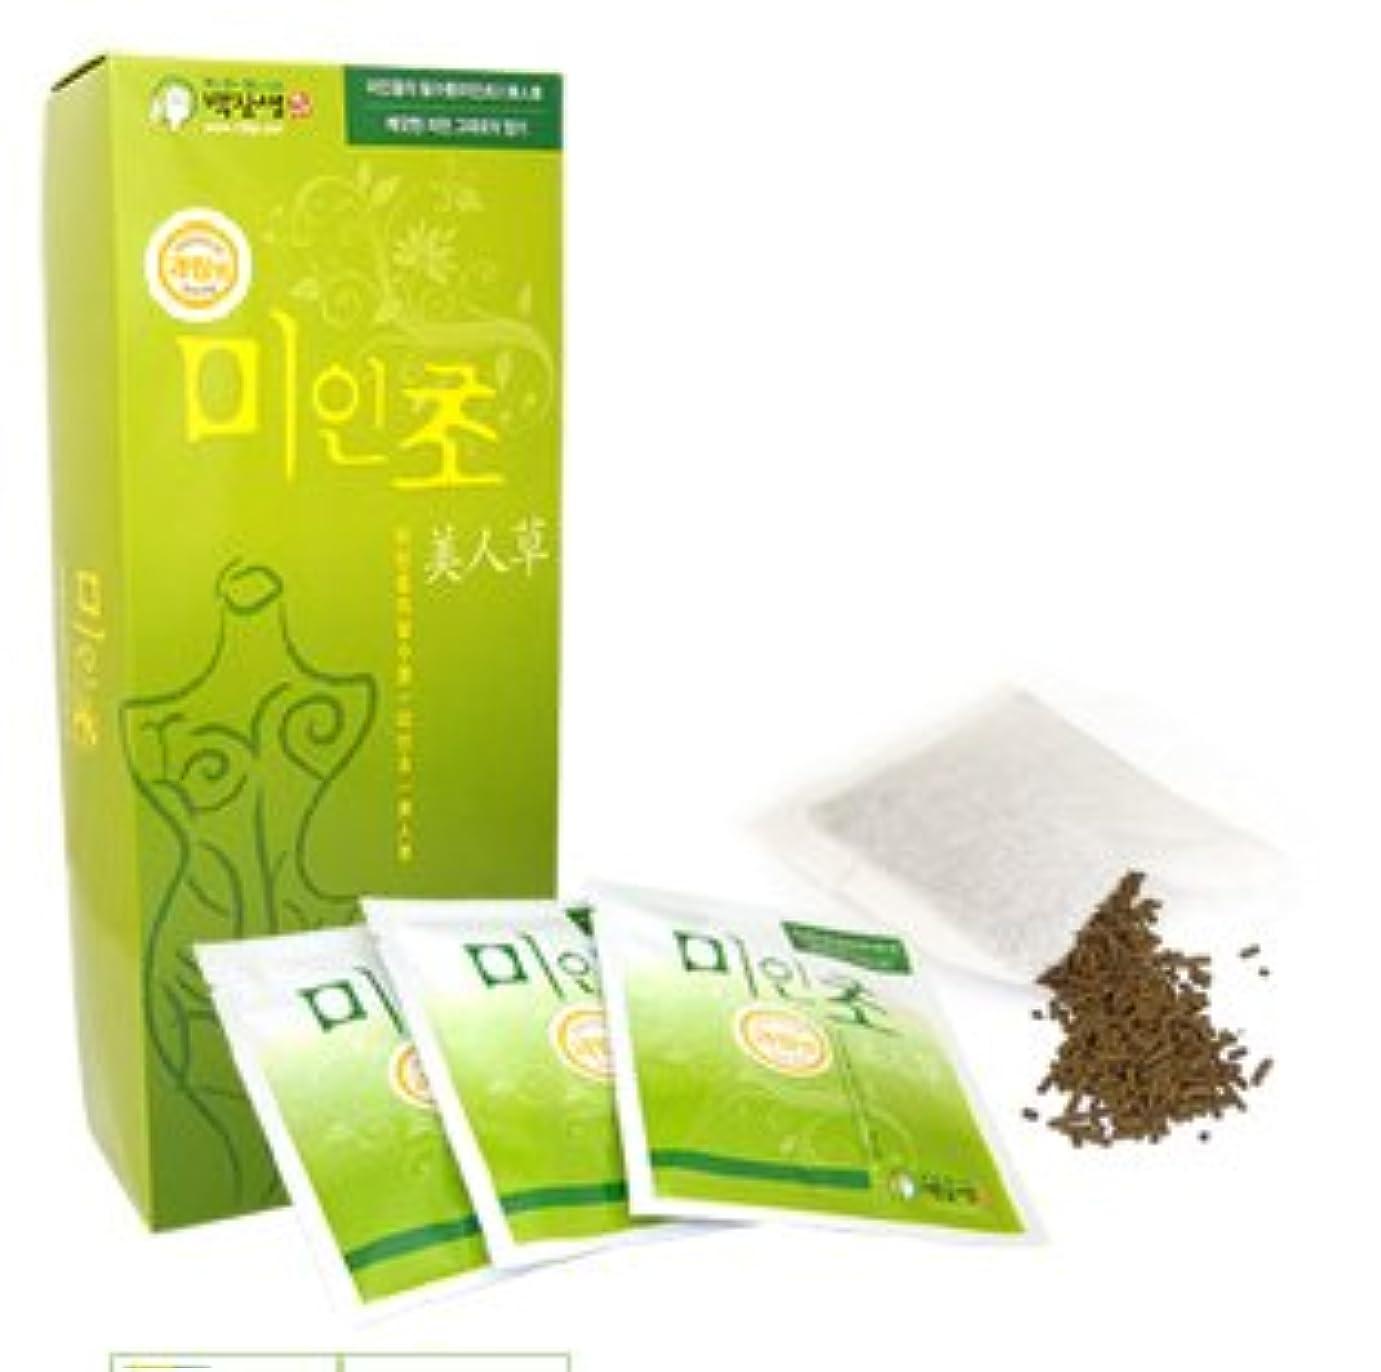 チラチラする疑わしいネイティブ韓国コスメ-美人草1ケース-韓国美肌韓国漢方草-入浴剤